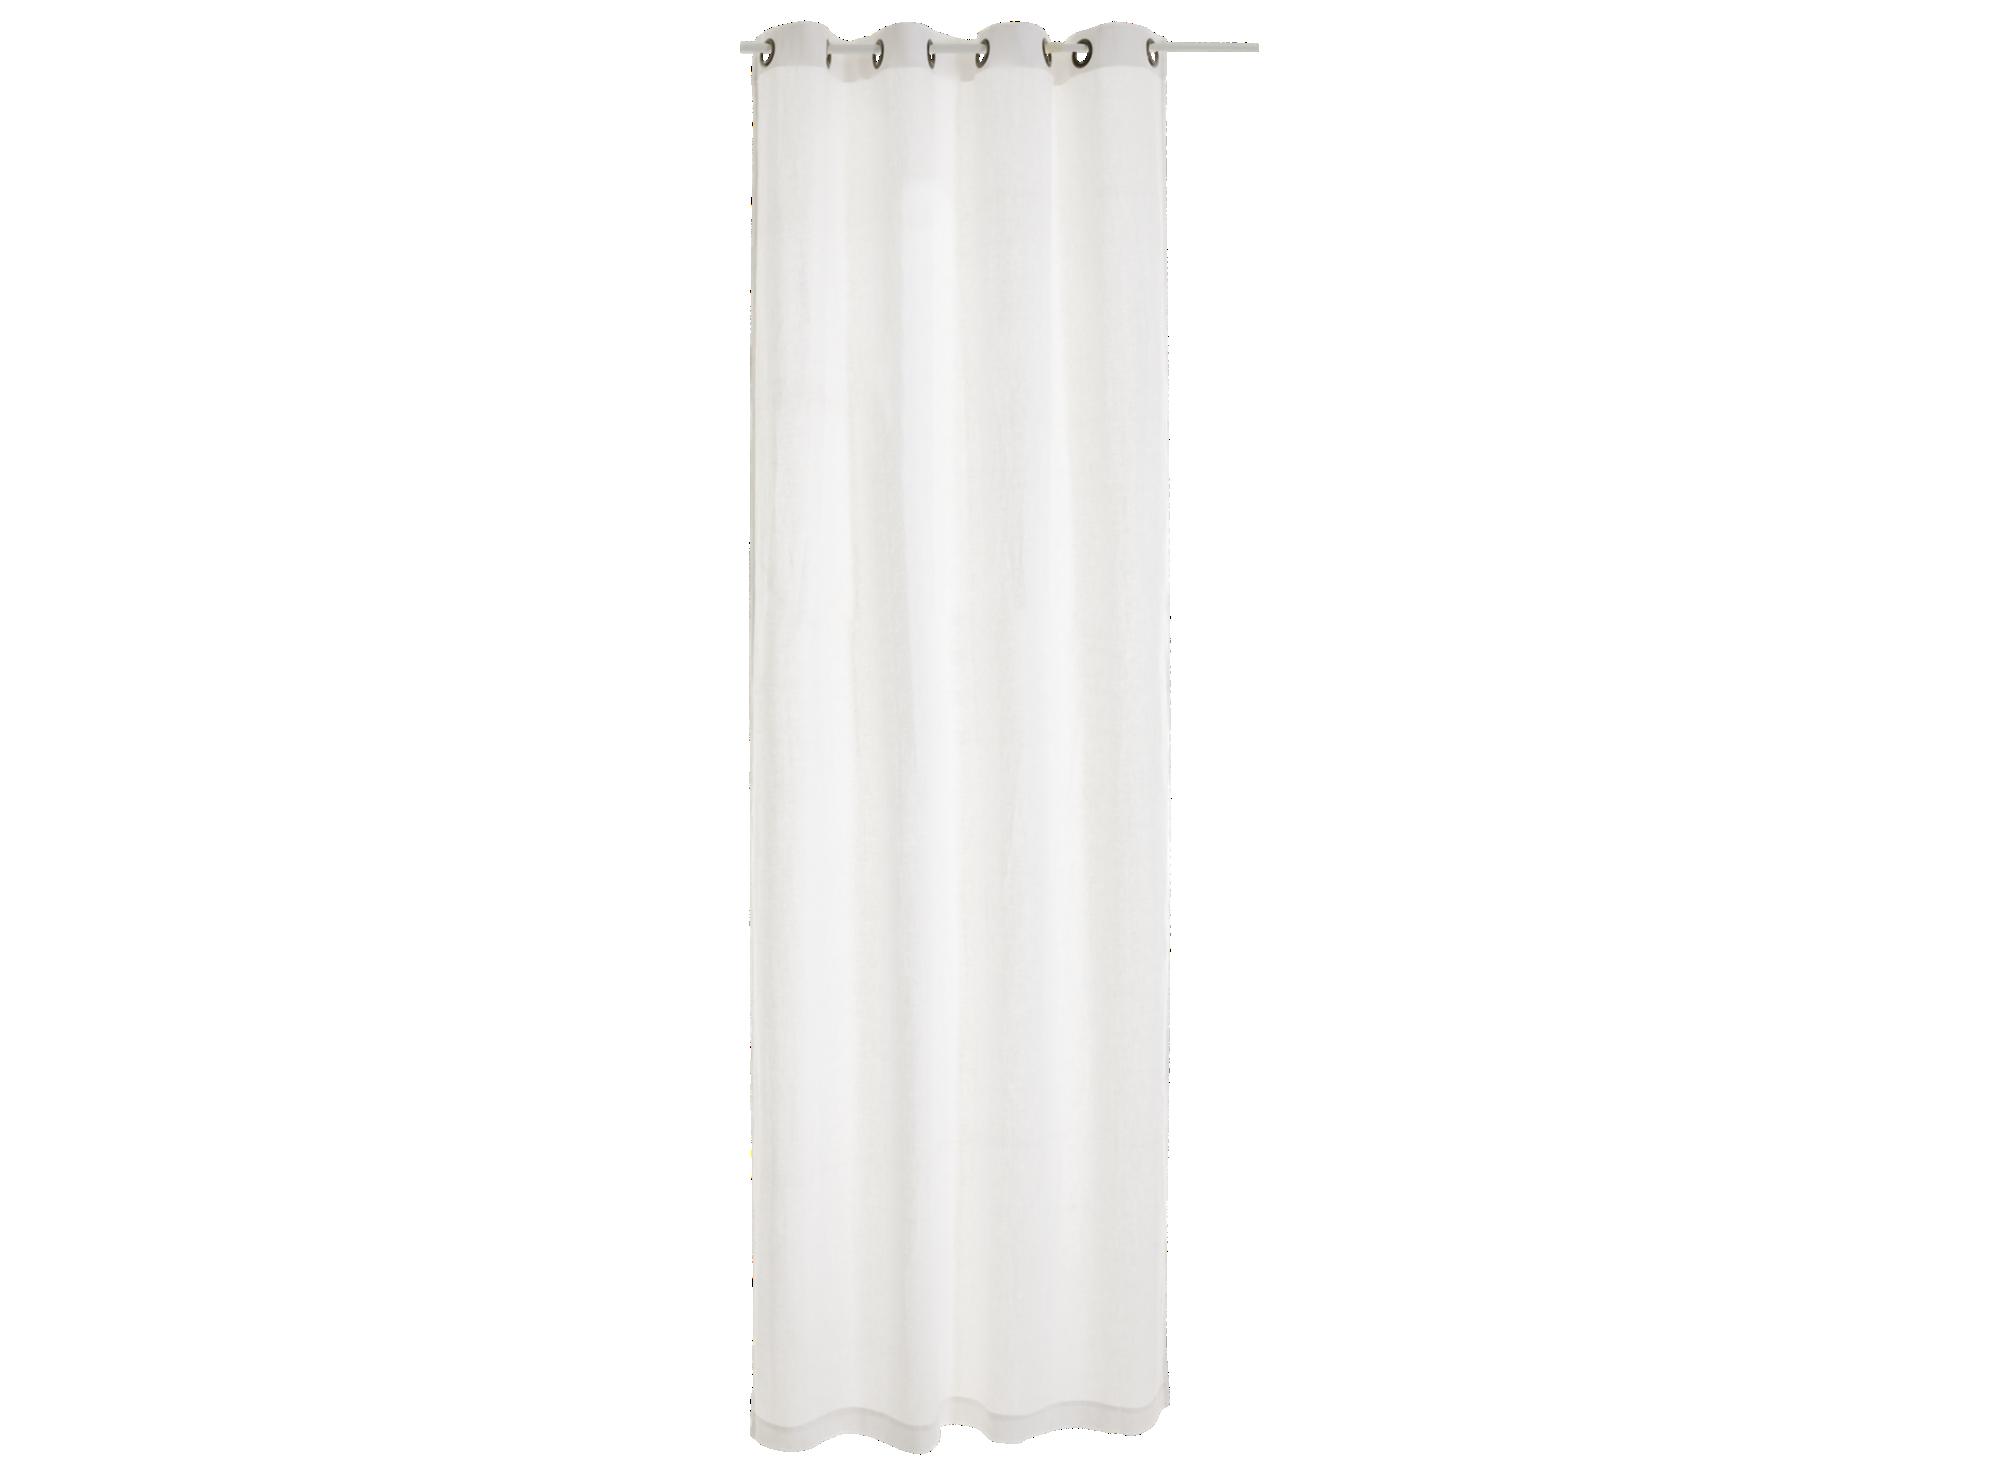 Rideau oeillet 140x250cm 100% lin coloris blanc densite 150g/m2   lav ...